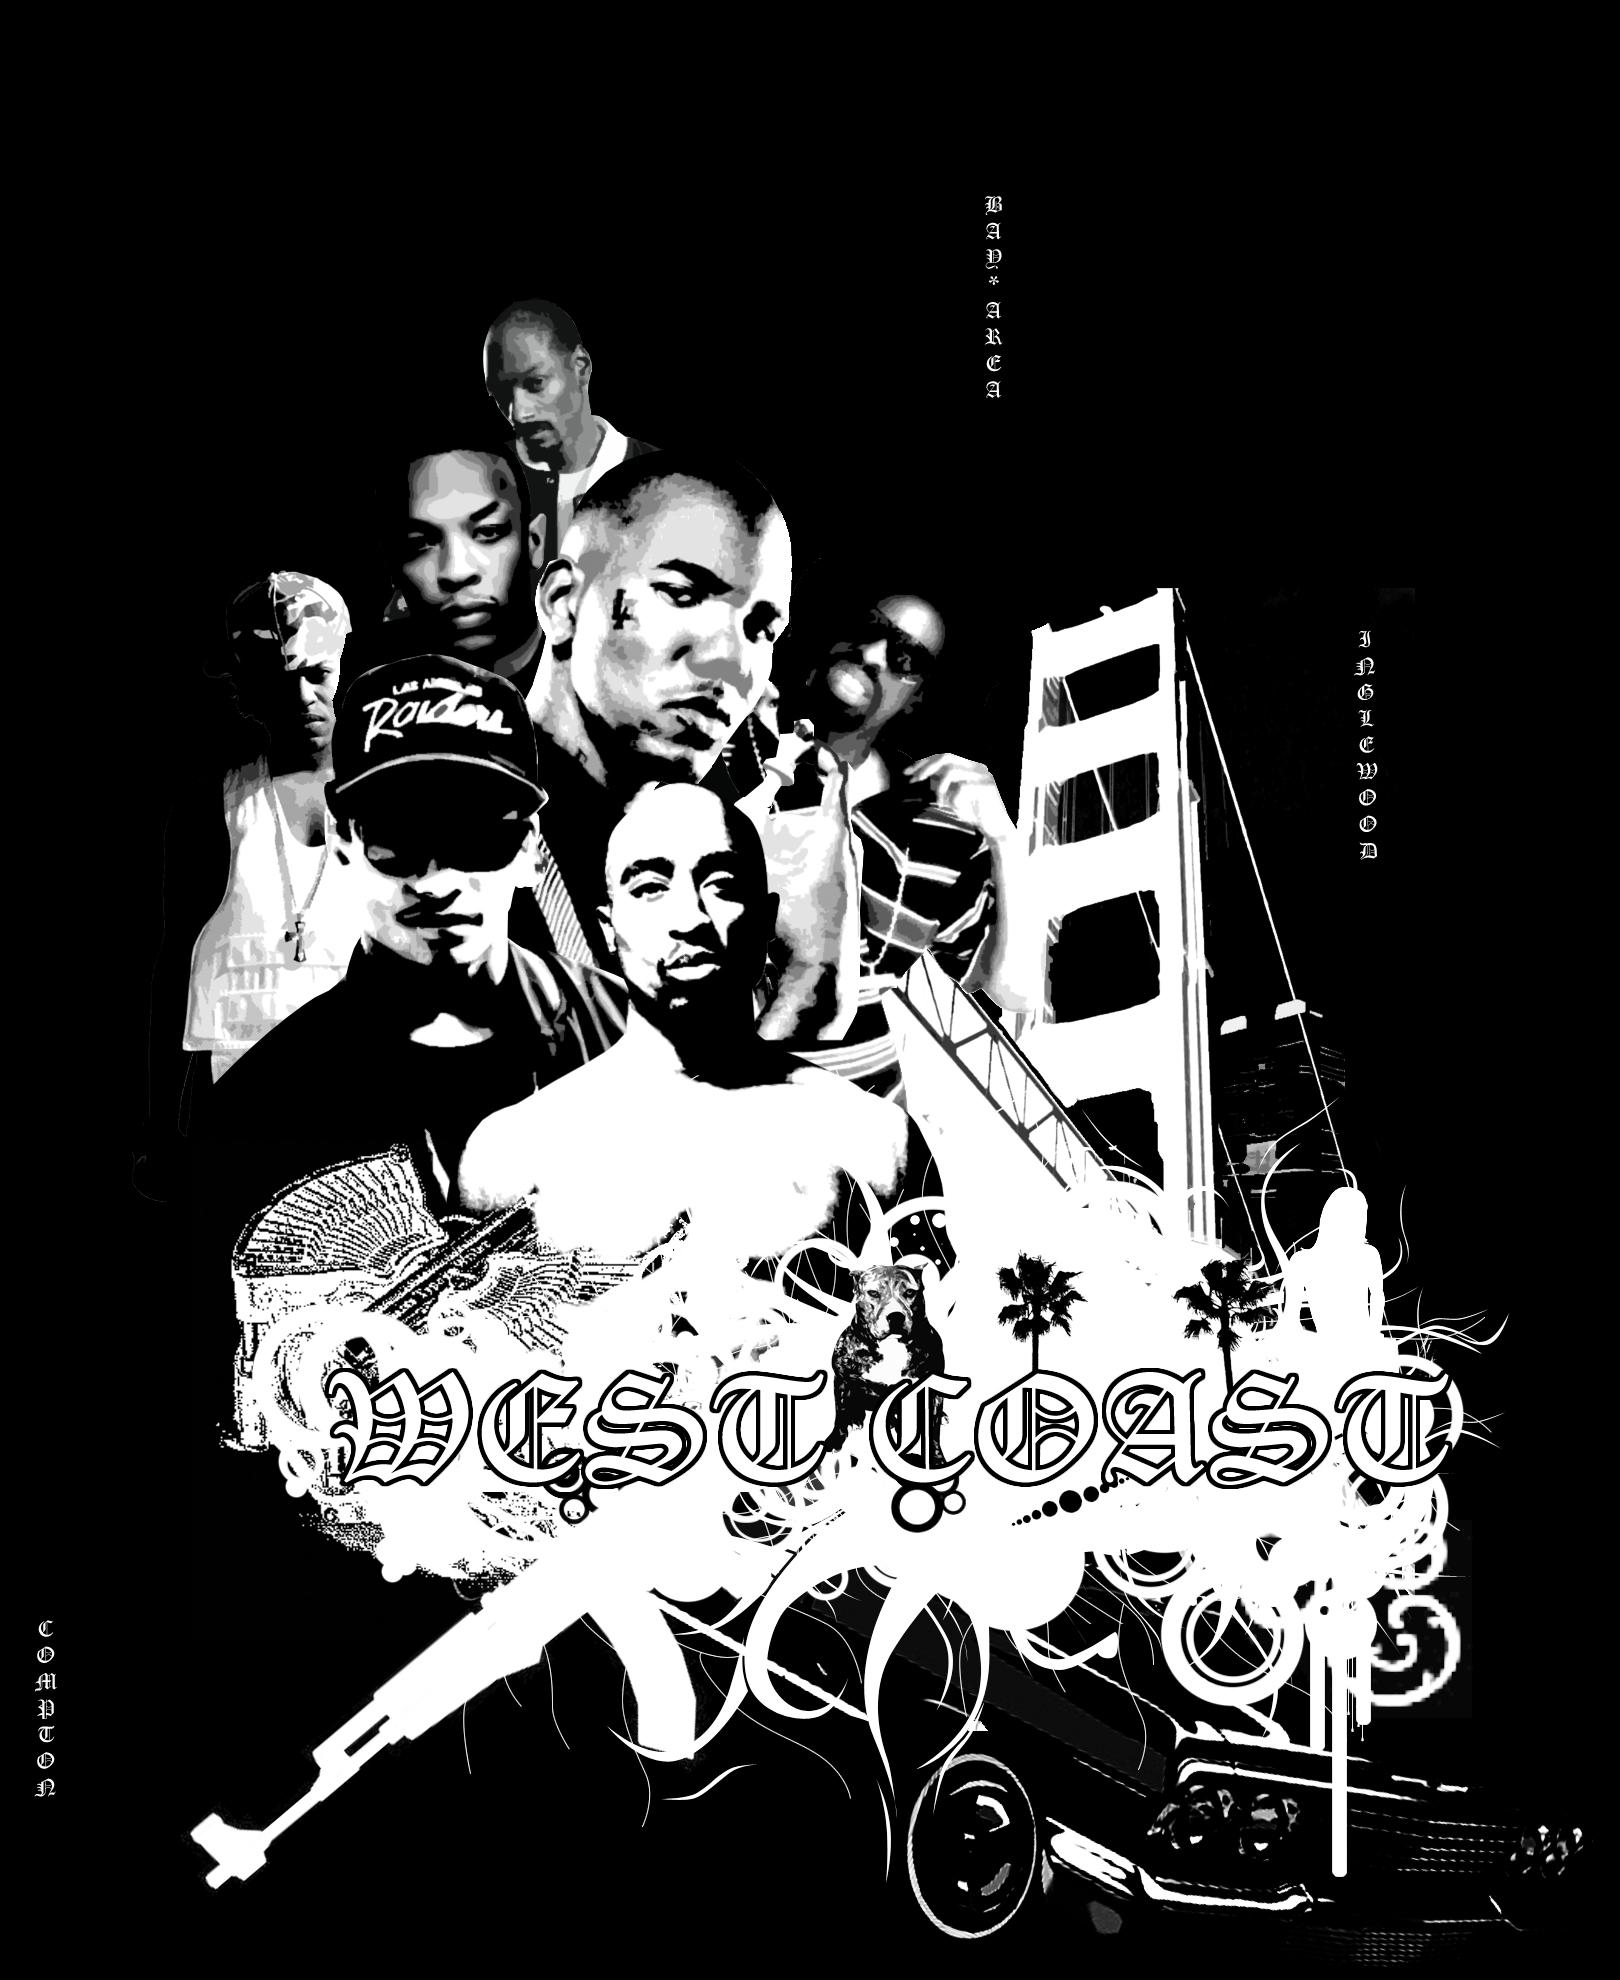 West Coast by Snitch-killa